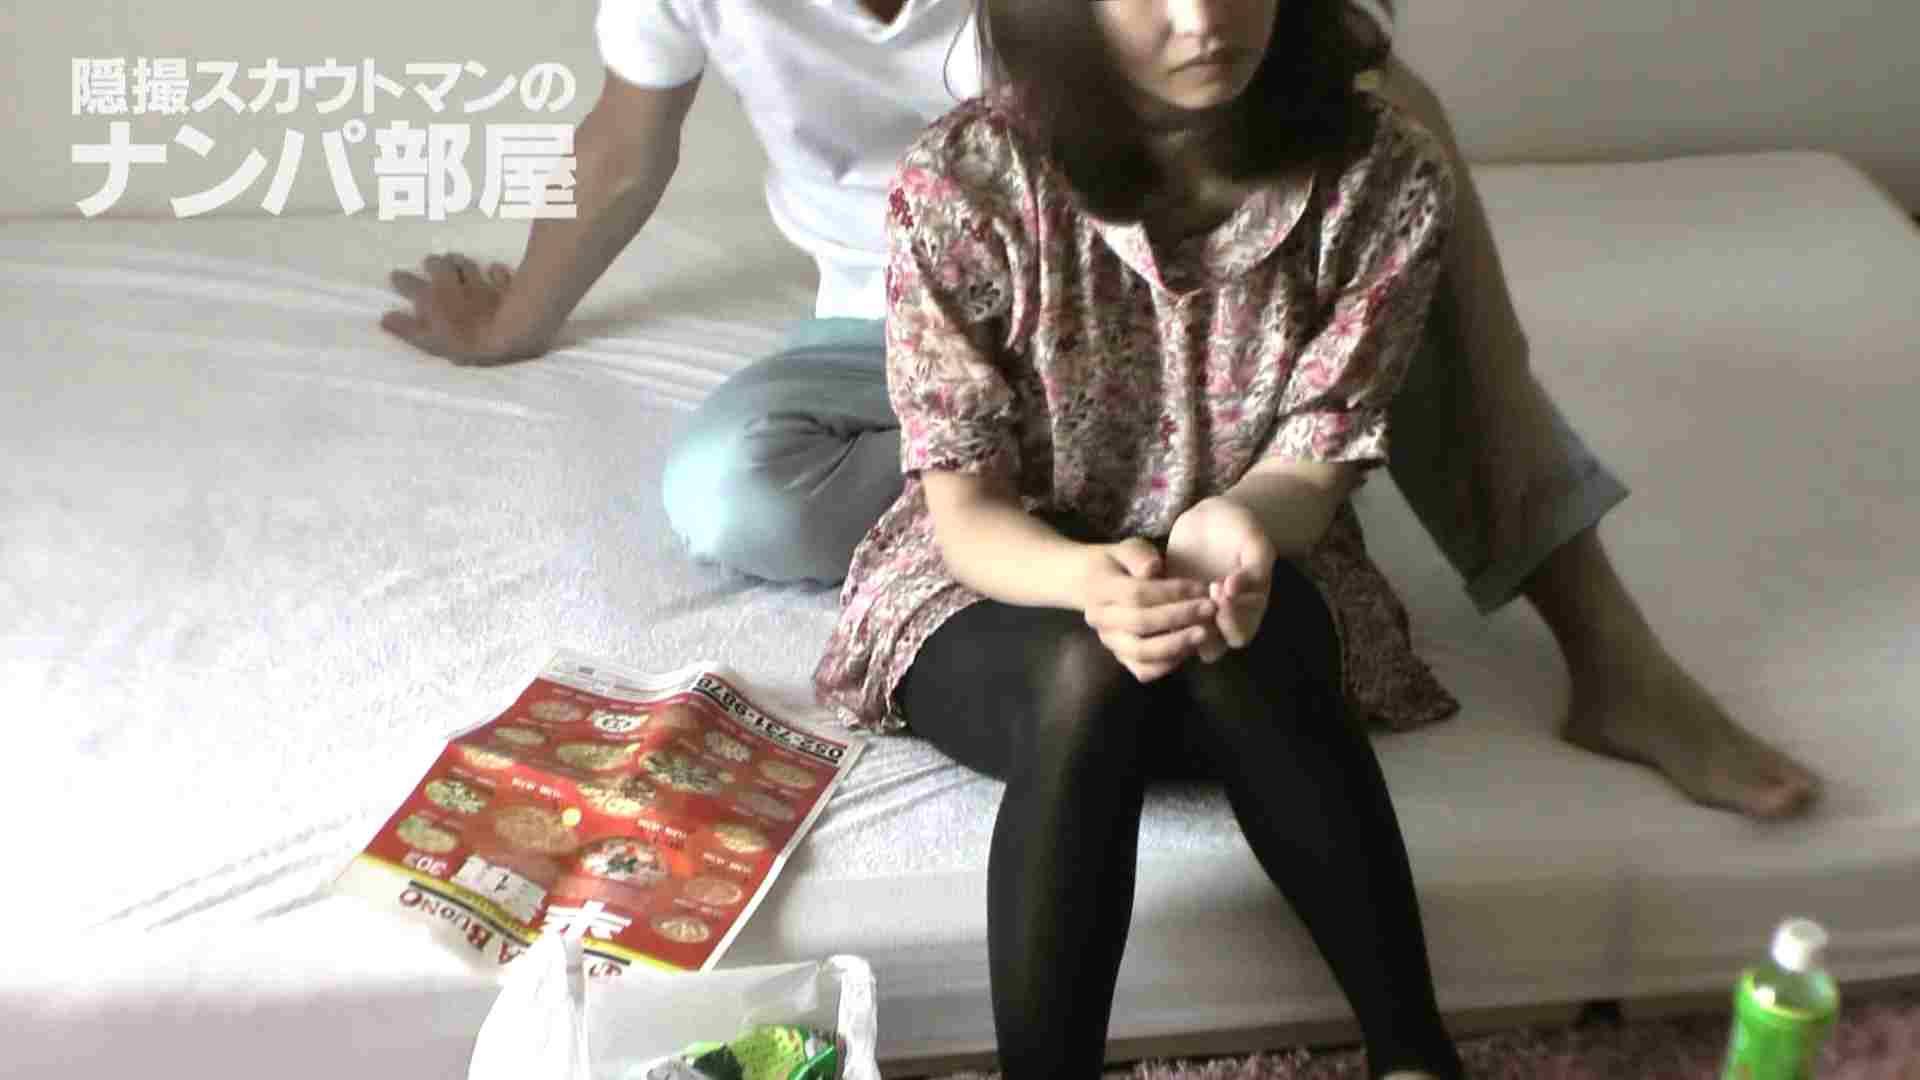 隠撮スカウトマンのナンパ部屋~風俗デビュー前のつまみ食い~ sii 脱衣所 | ナンパ  90連発 13